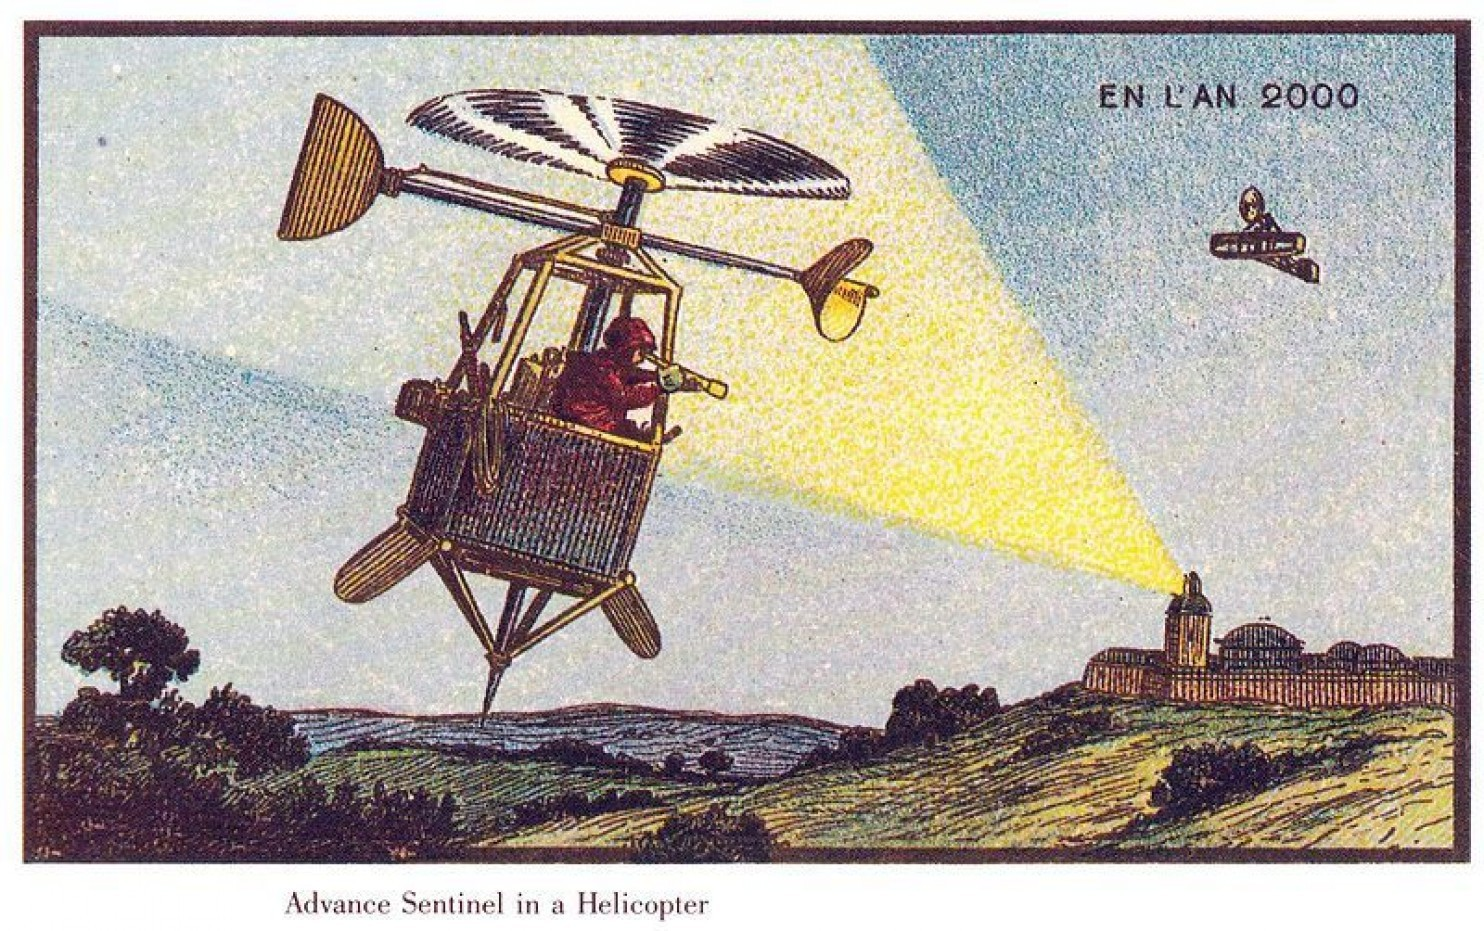 como imaginaban el futuro en 1900 ilustraciones 10